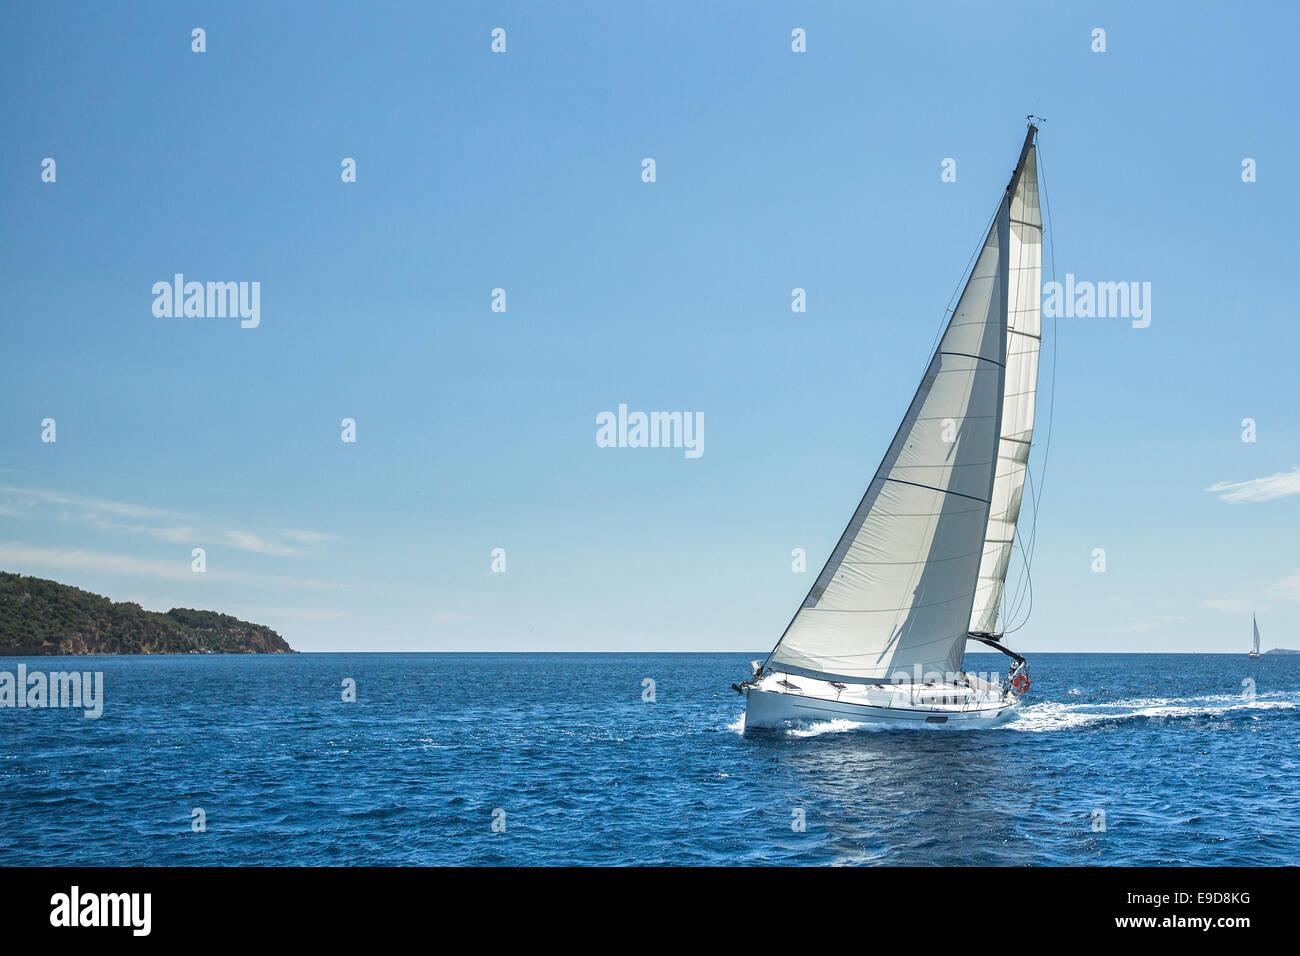 Navegando frente a las costas de Grecia en el Mar Egeo. Los yates de lujo. Foto de stock